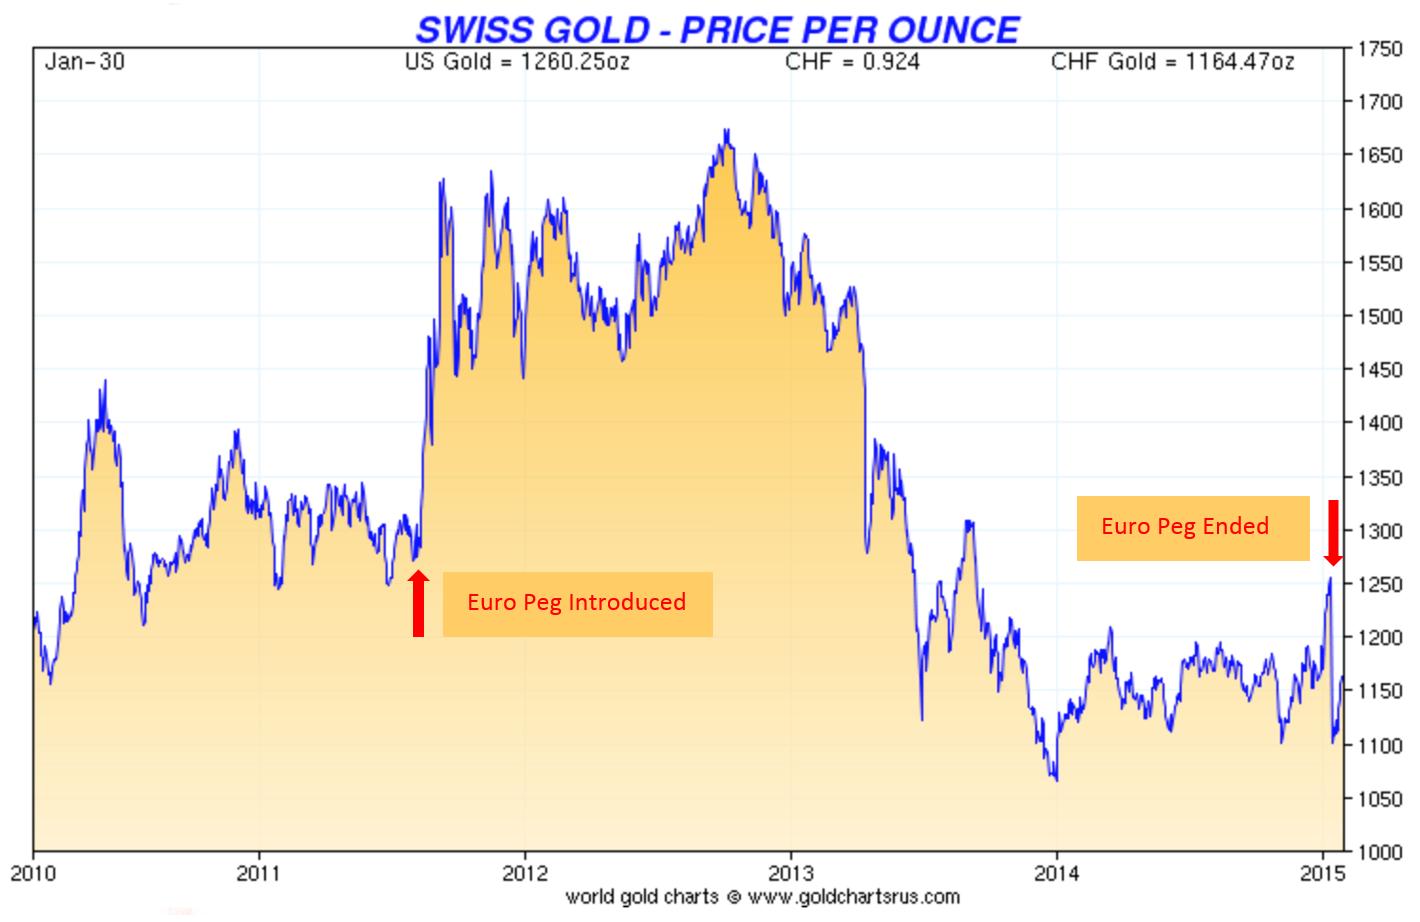 Prix de l'or en francs suisses depuis l'introduction du cours plancher EUR/CHF jusqu'à la fin du plancher